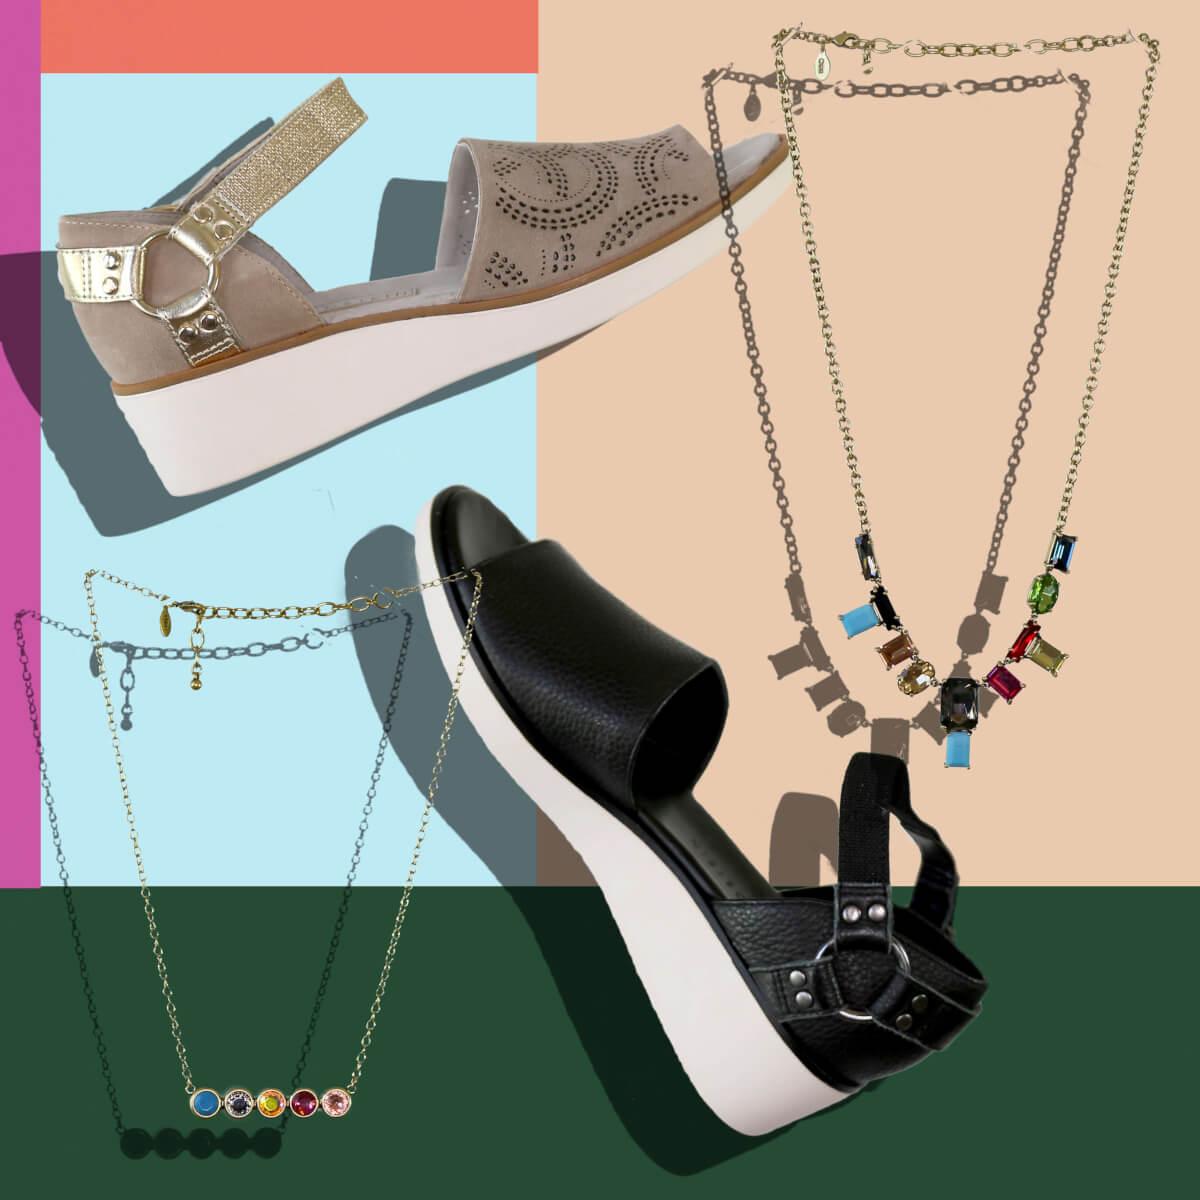 LOGO Footwear + Links